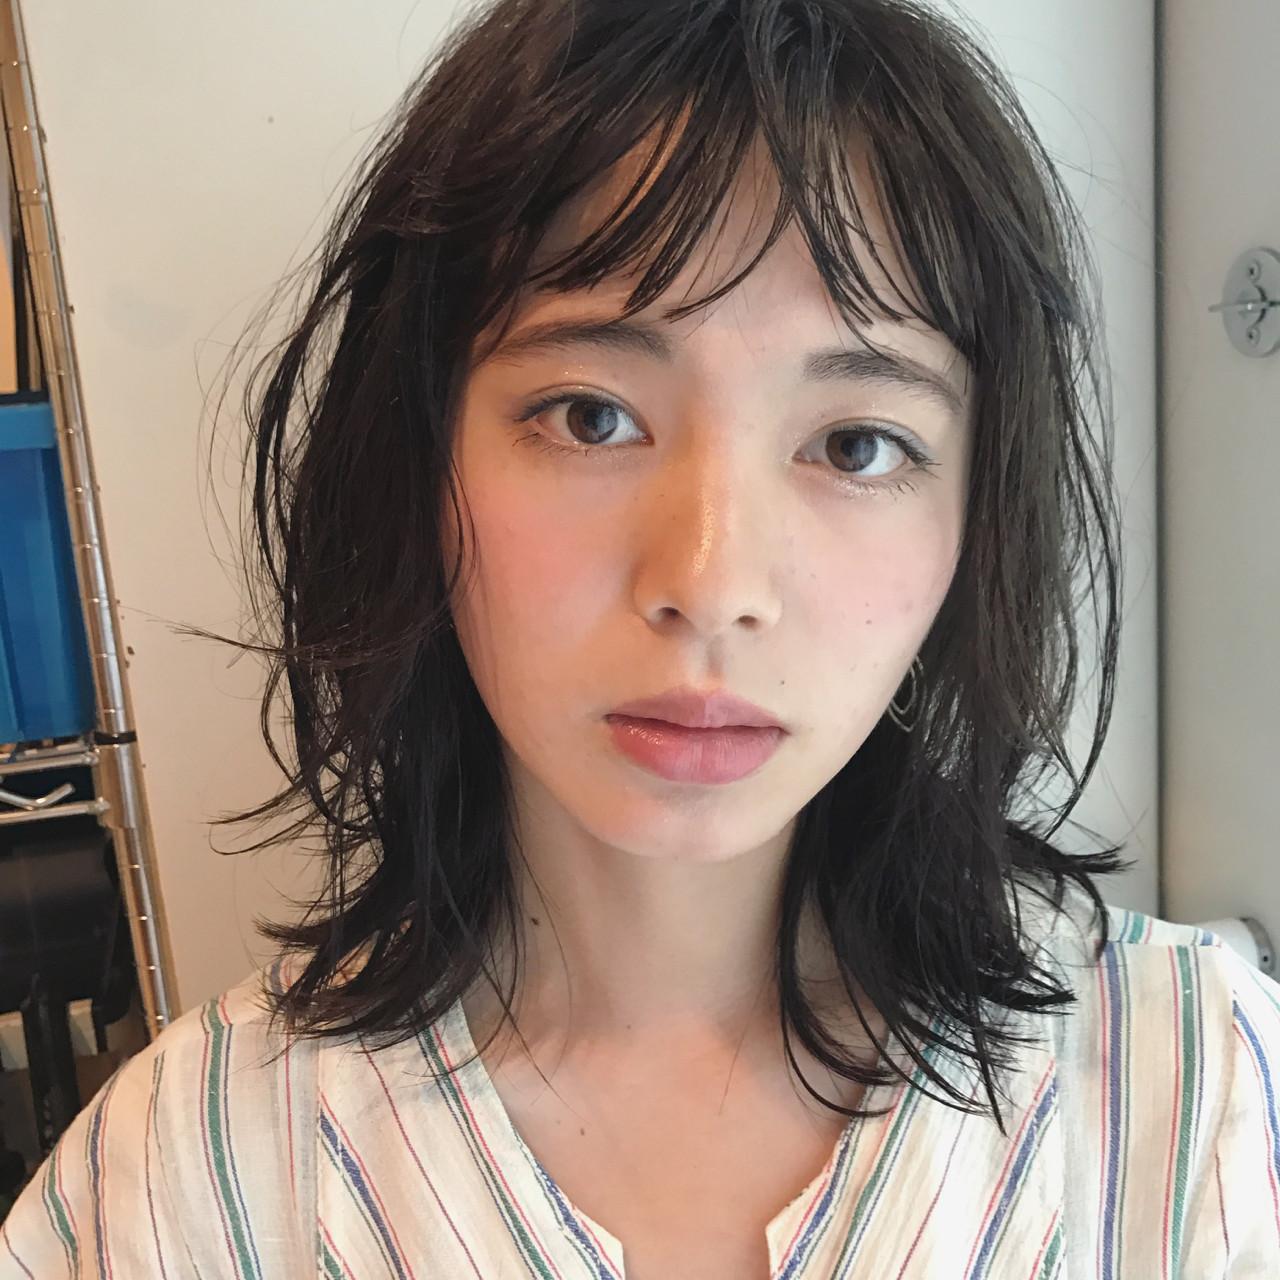 抜け感 外国人風 前髪あり オン眉 ヘアスタイルや髪型の写真・画像